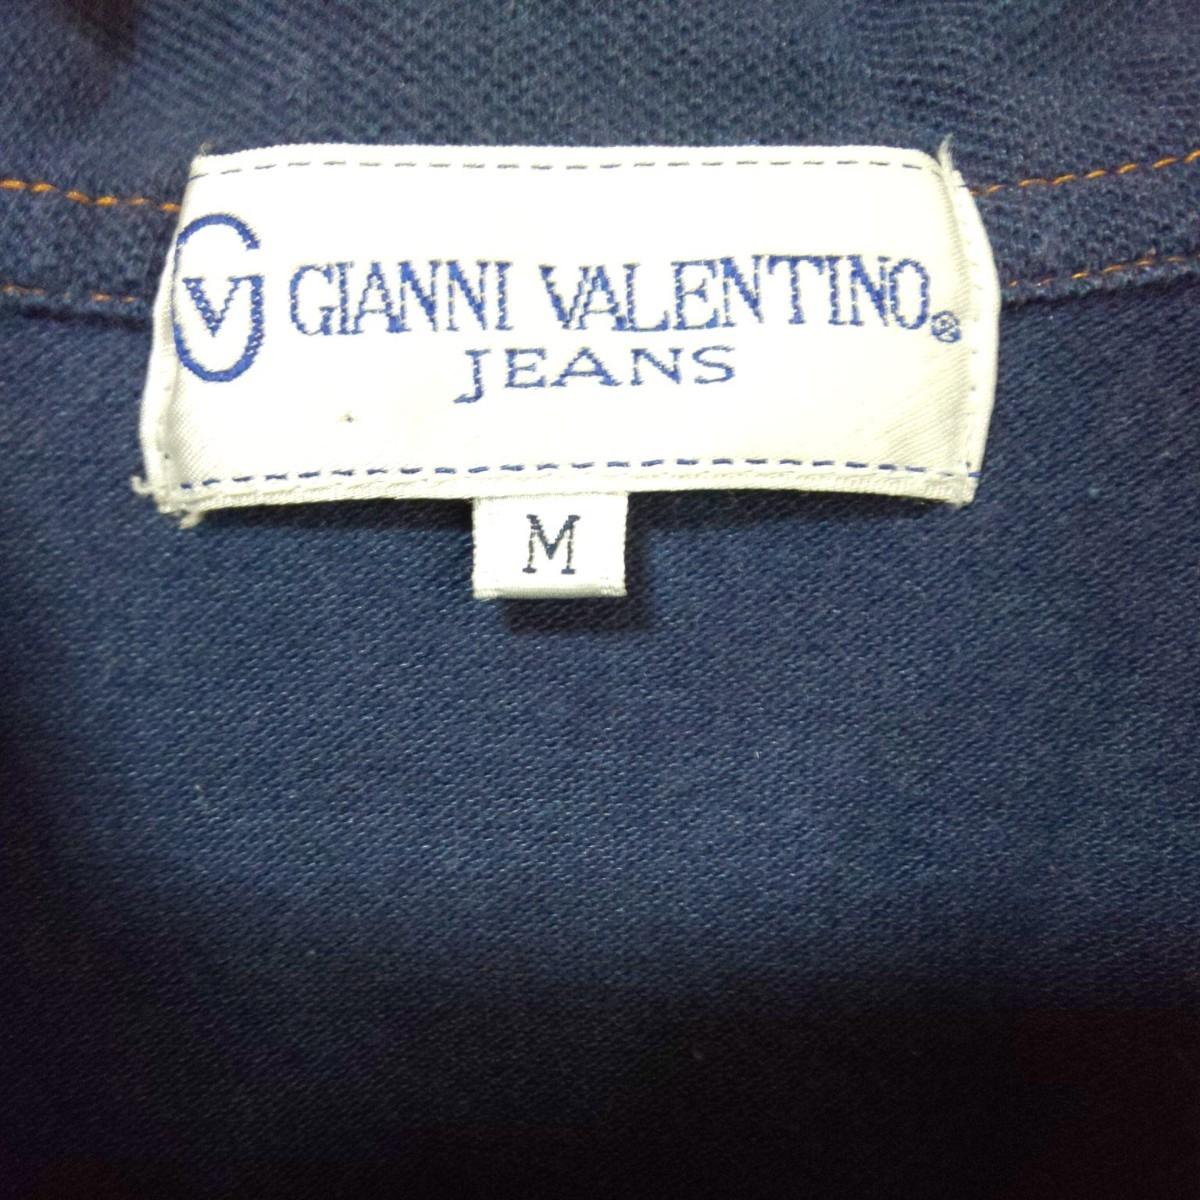 ポロシャツ  GIANNIVALENTINO JEANS